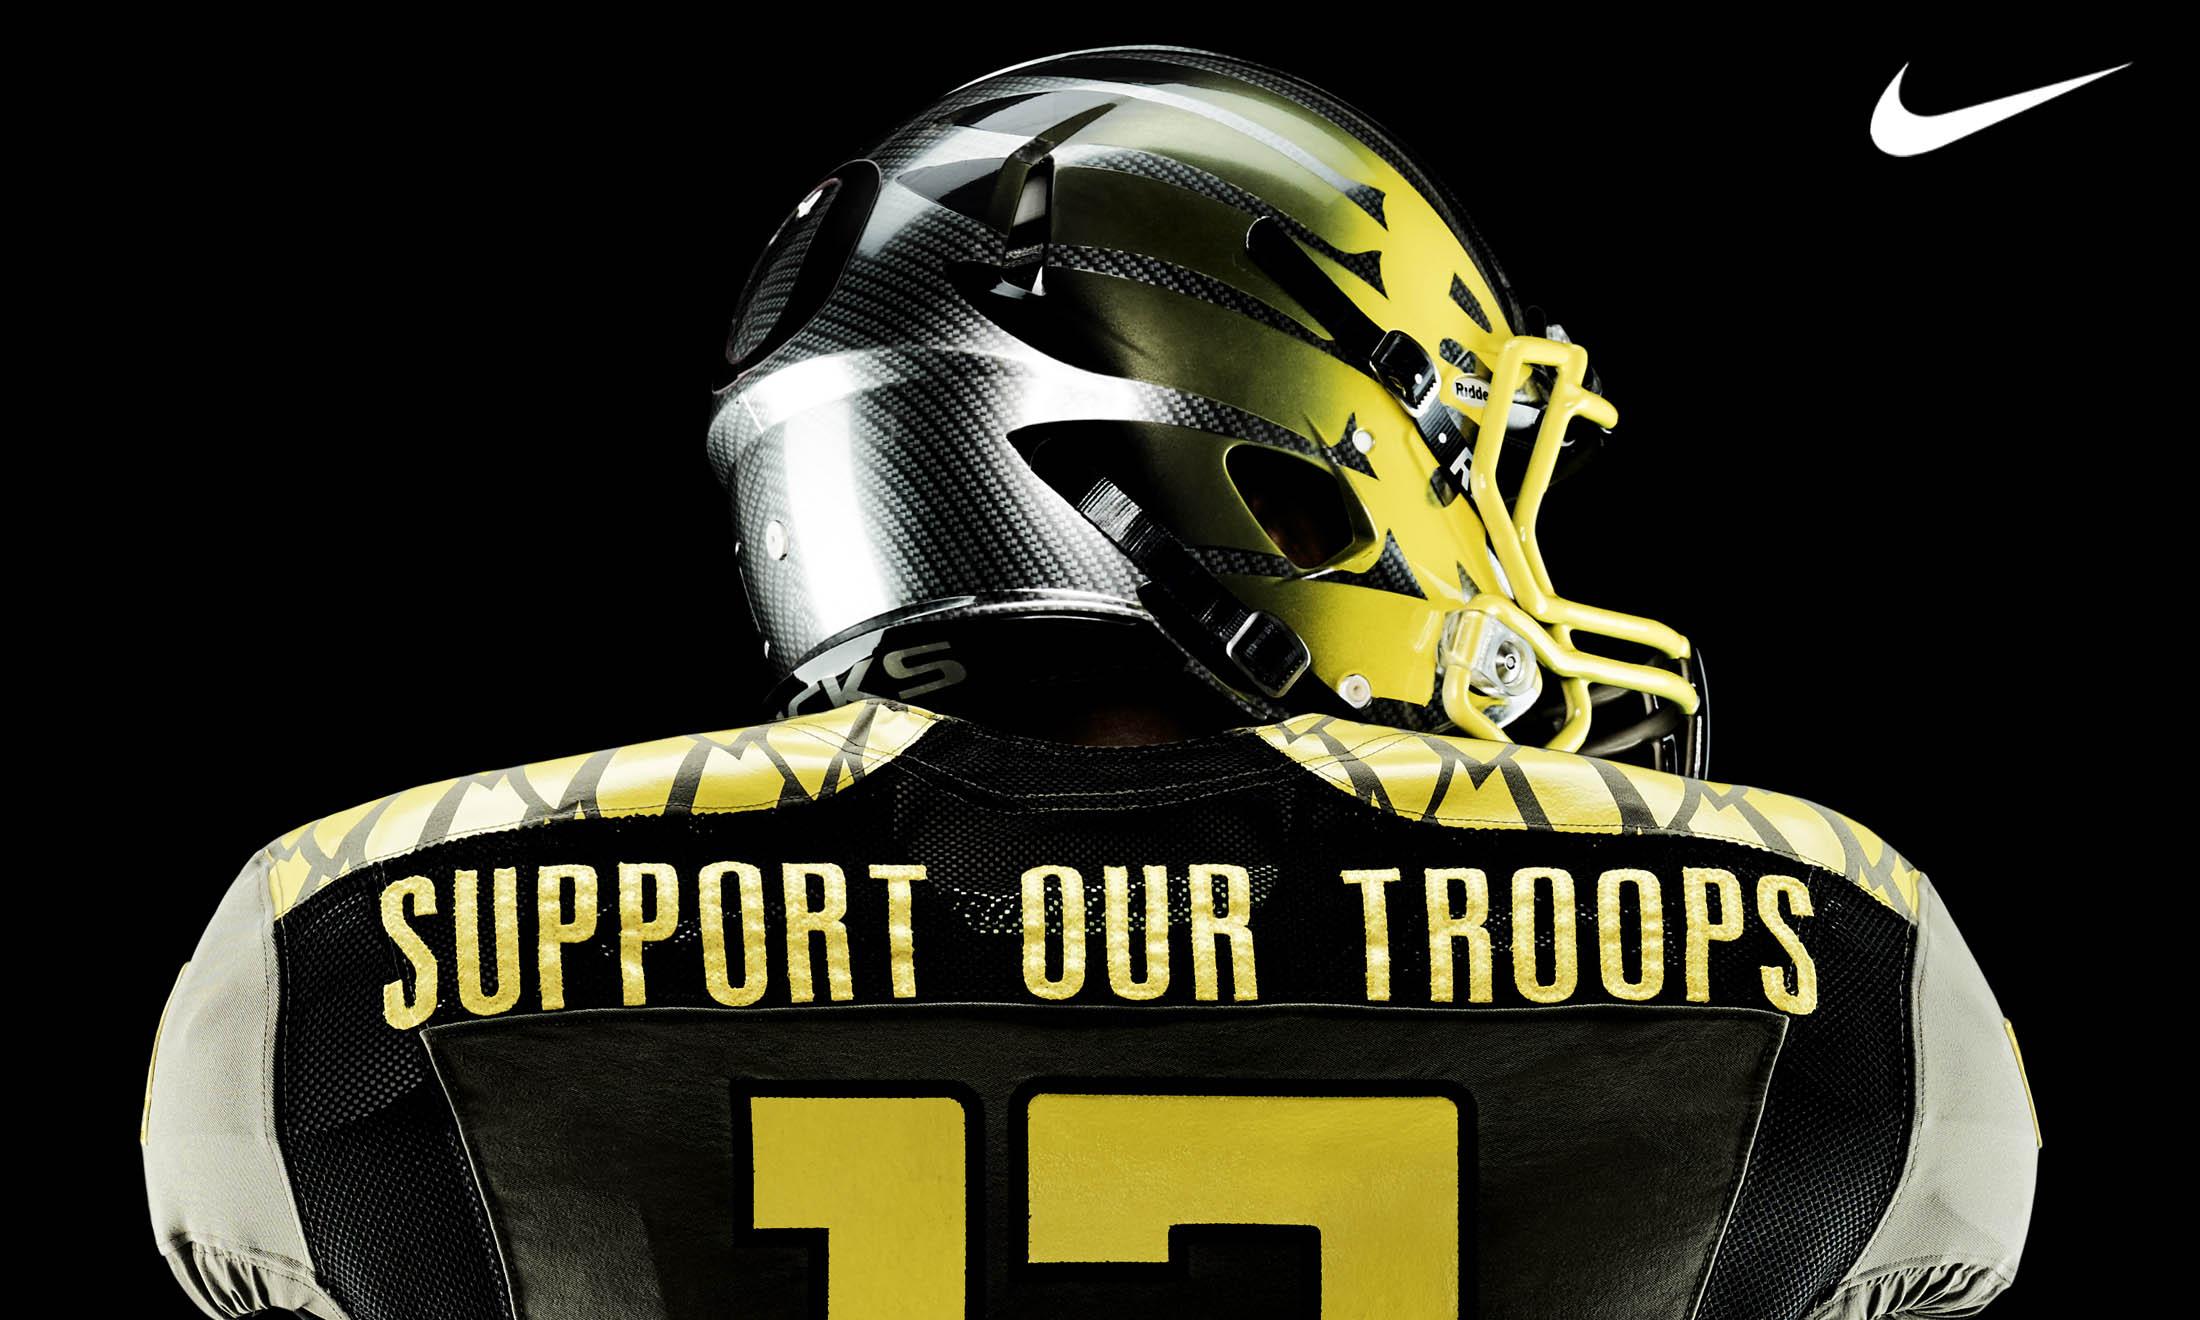 Helmets Helmets Football Helmets and Oregon Ducks 2200x1320